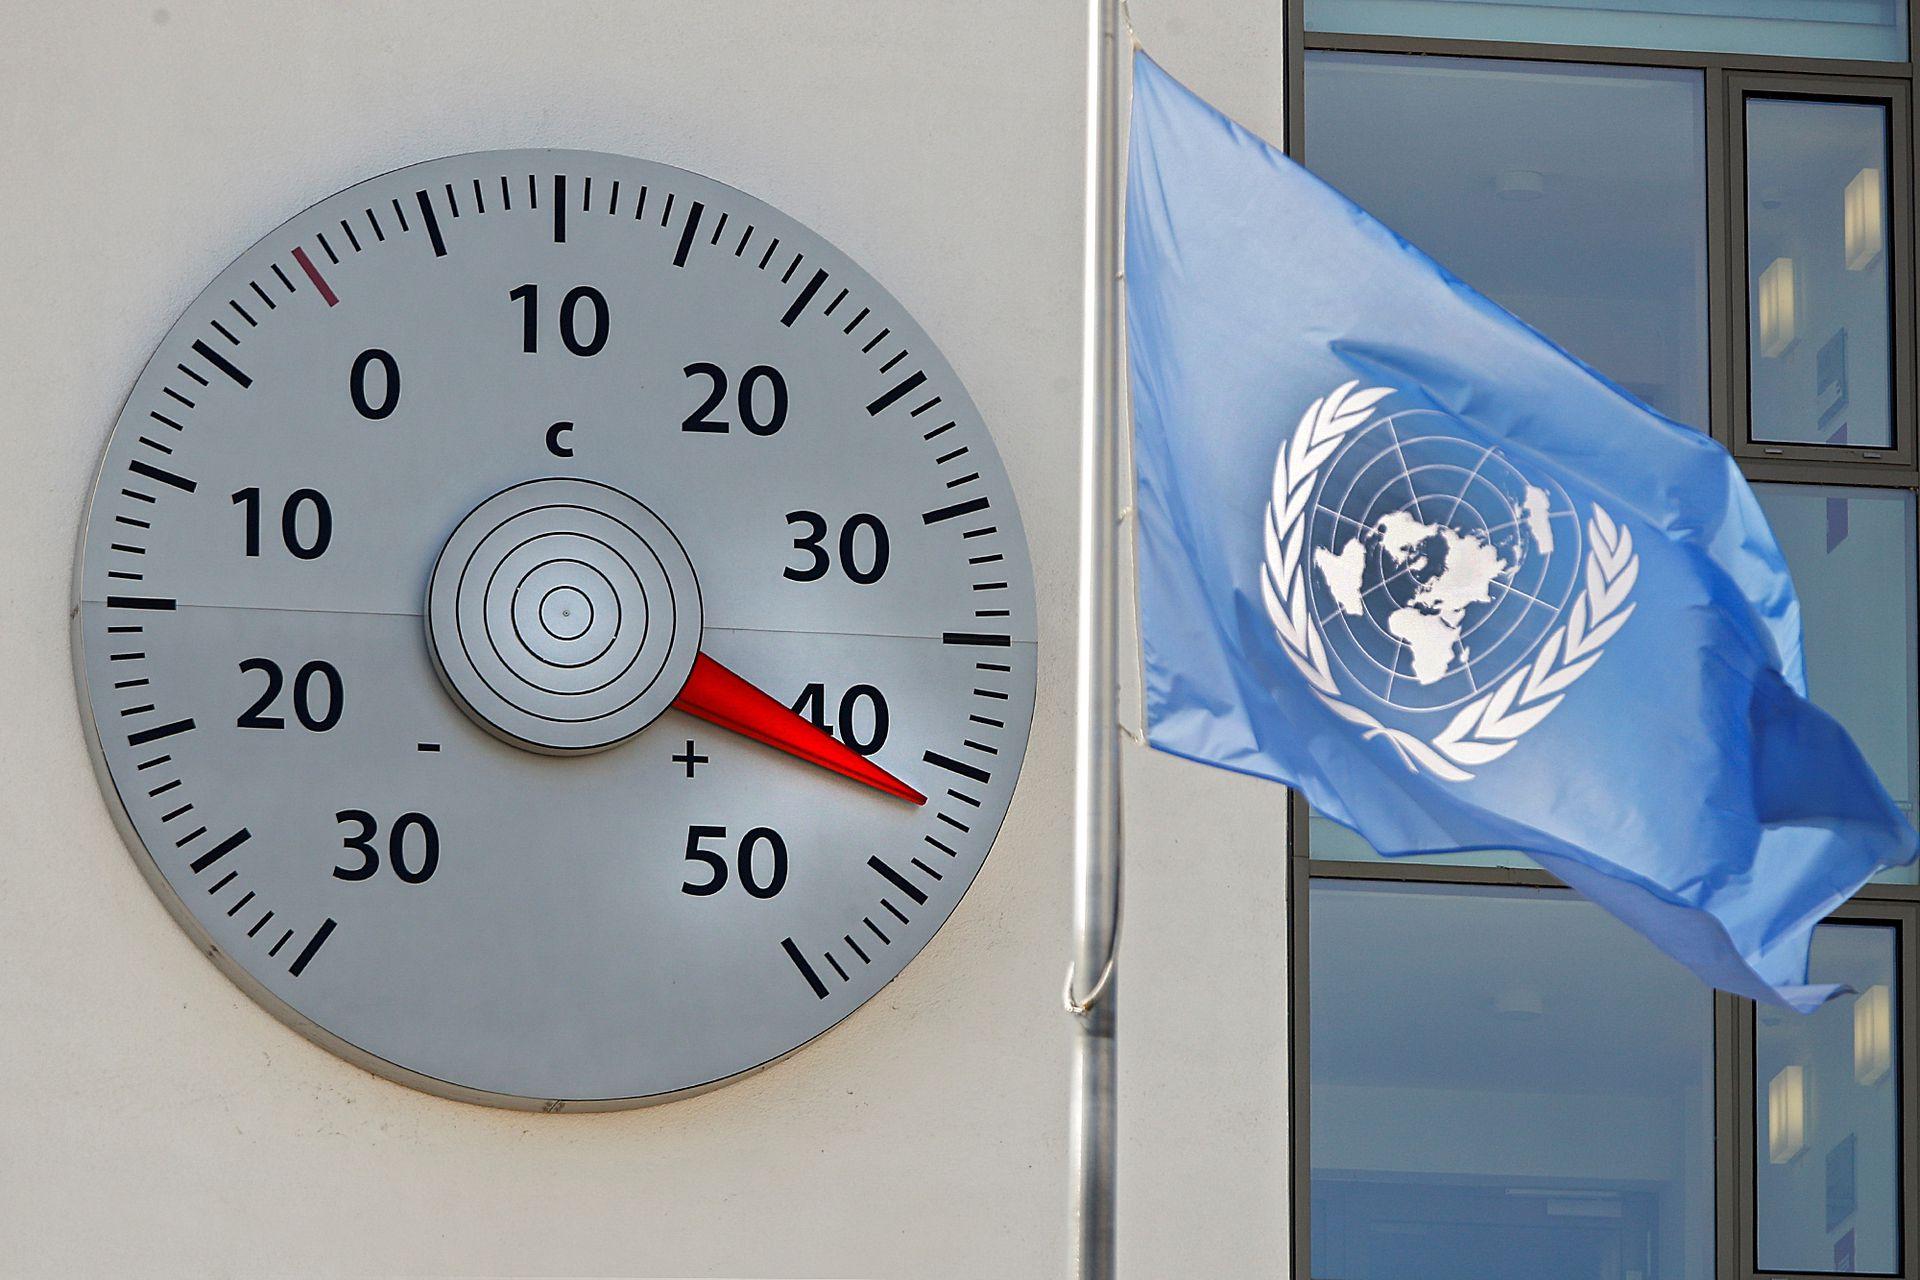 Un enorme termómetro montado en una pared de la sede de la Convención de las Naciones Unidas sobre el Cambio Climático (CMNUCC) muestra una temperatura de 42 grados centígrados en Bonn, Alemania